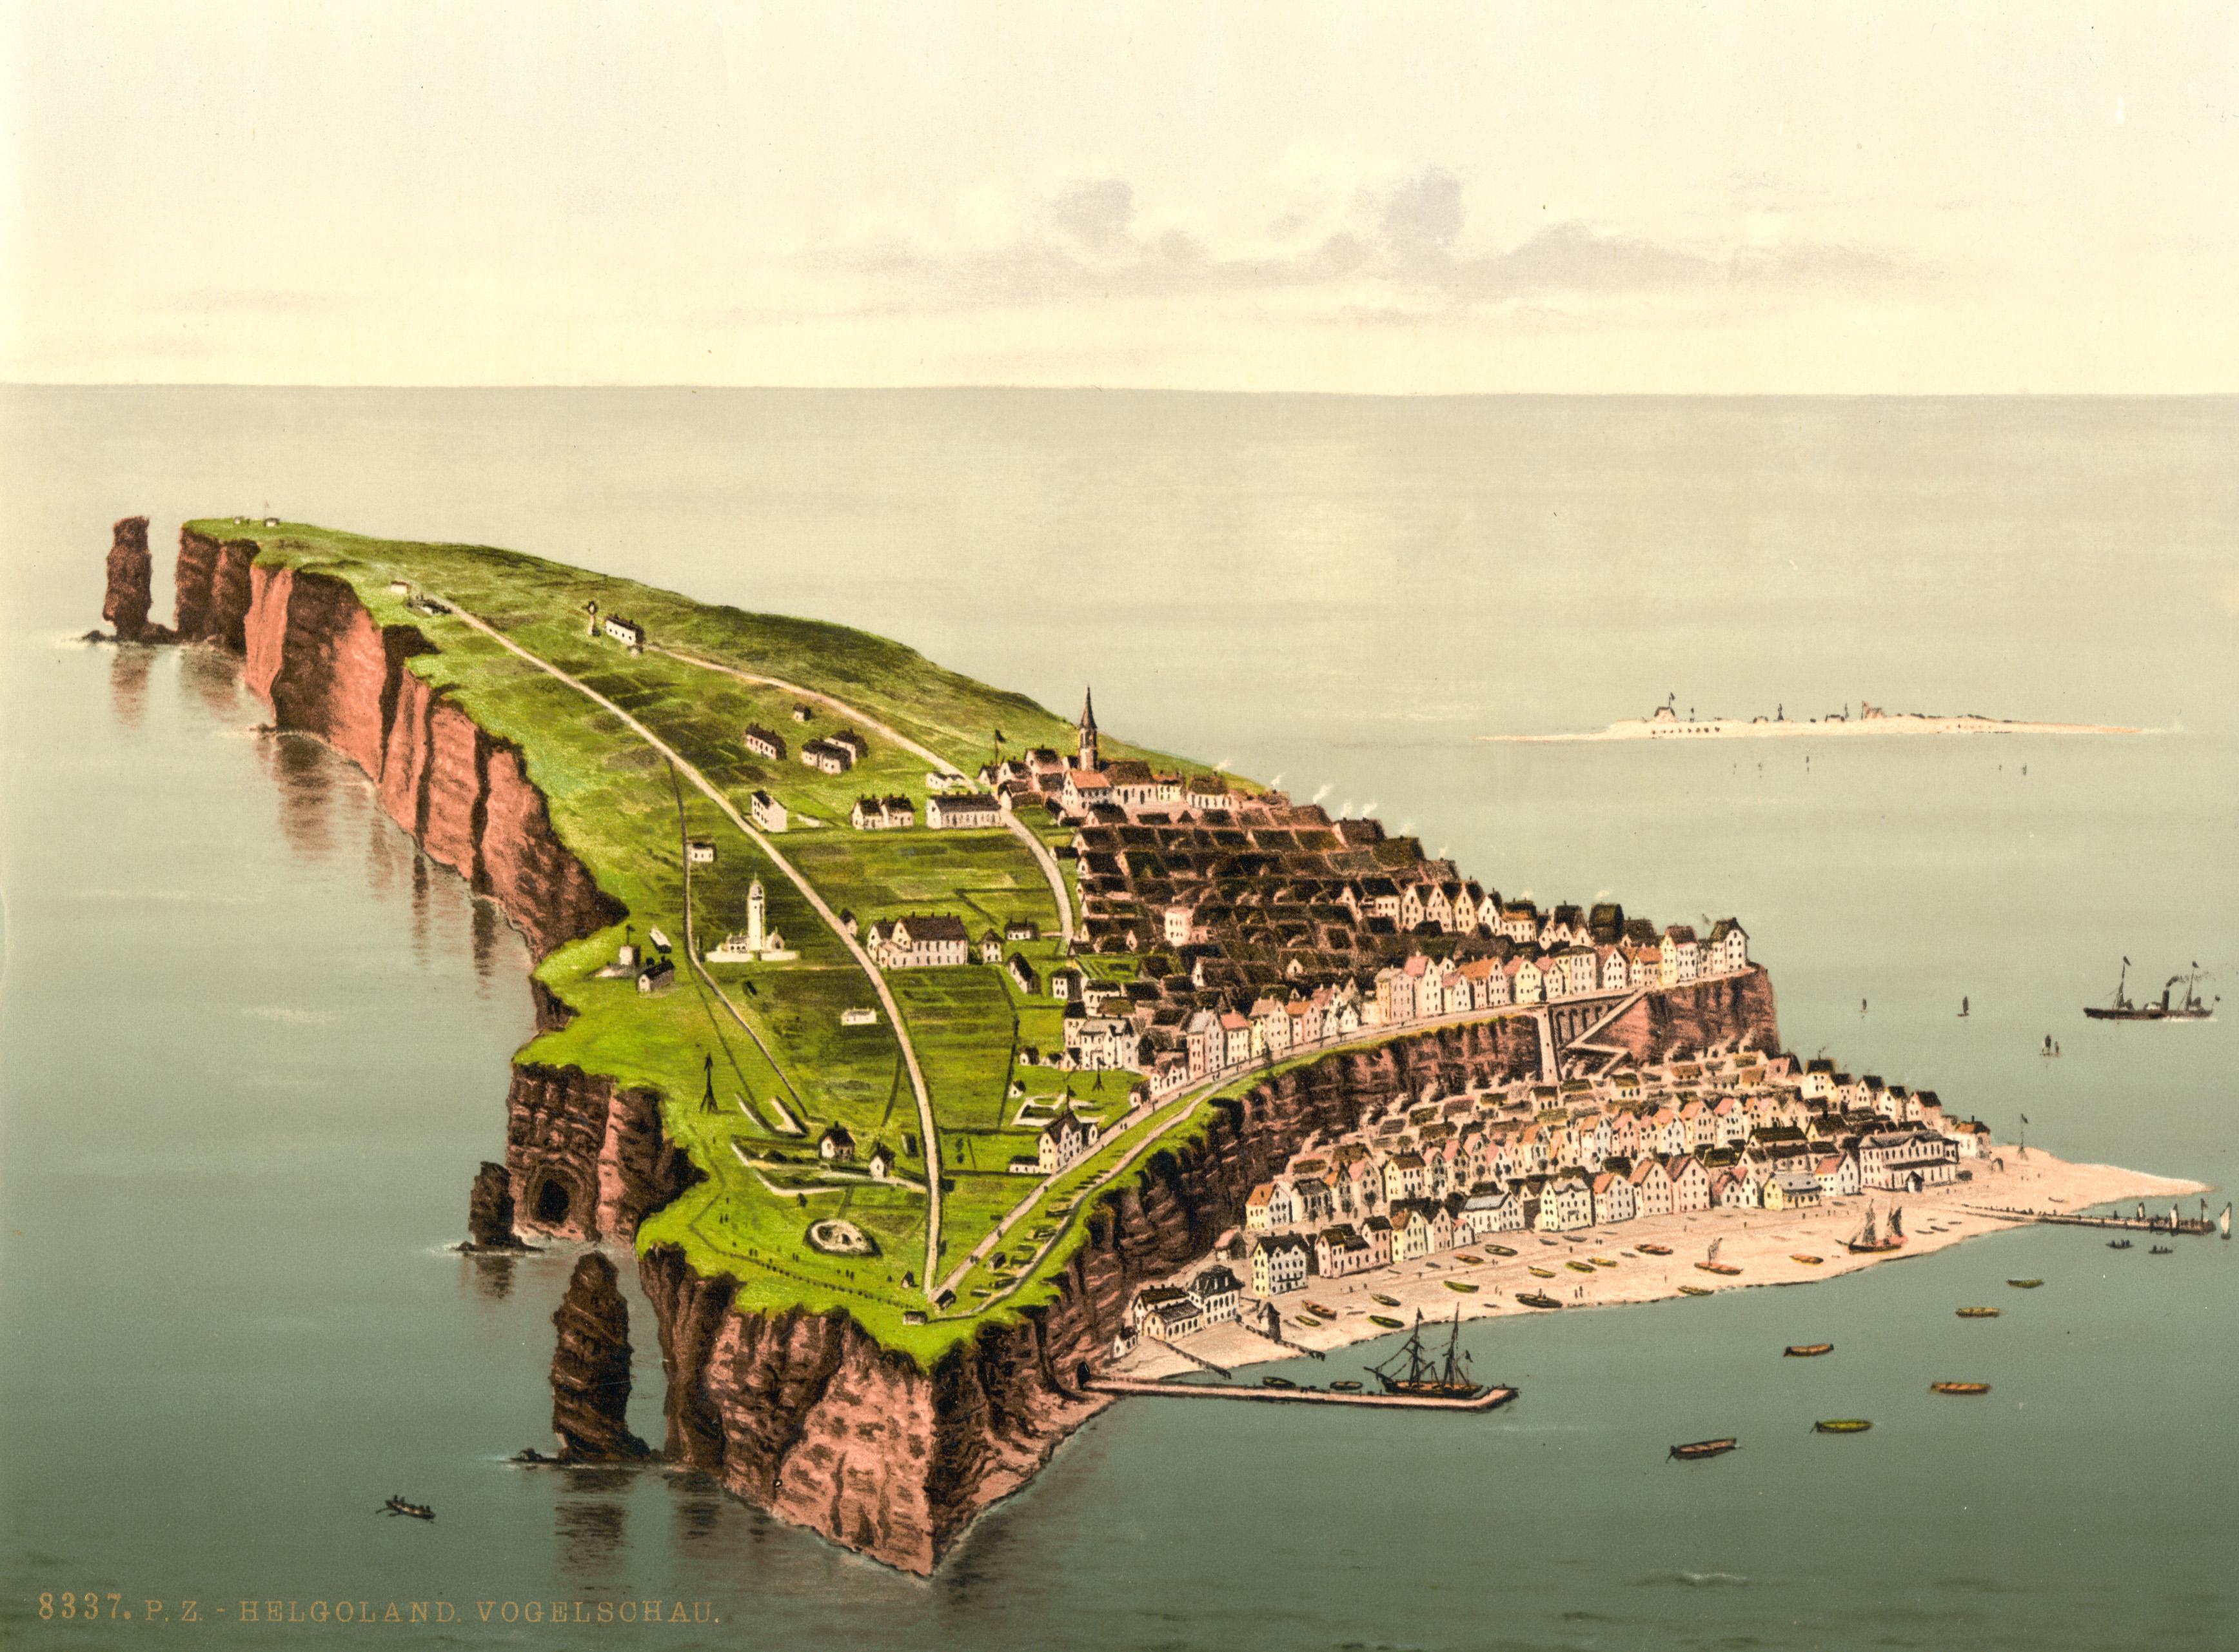 Helgoland. Public Domain